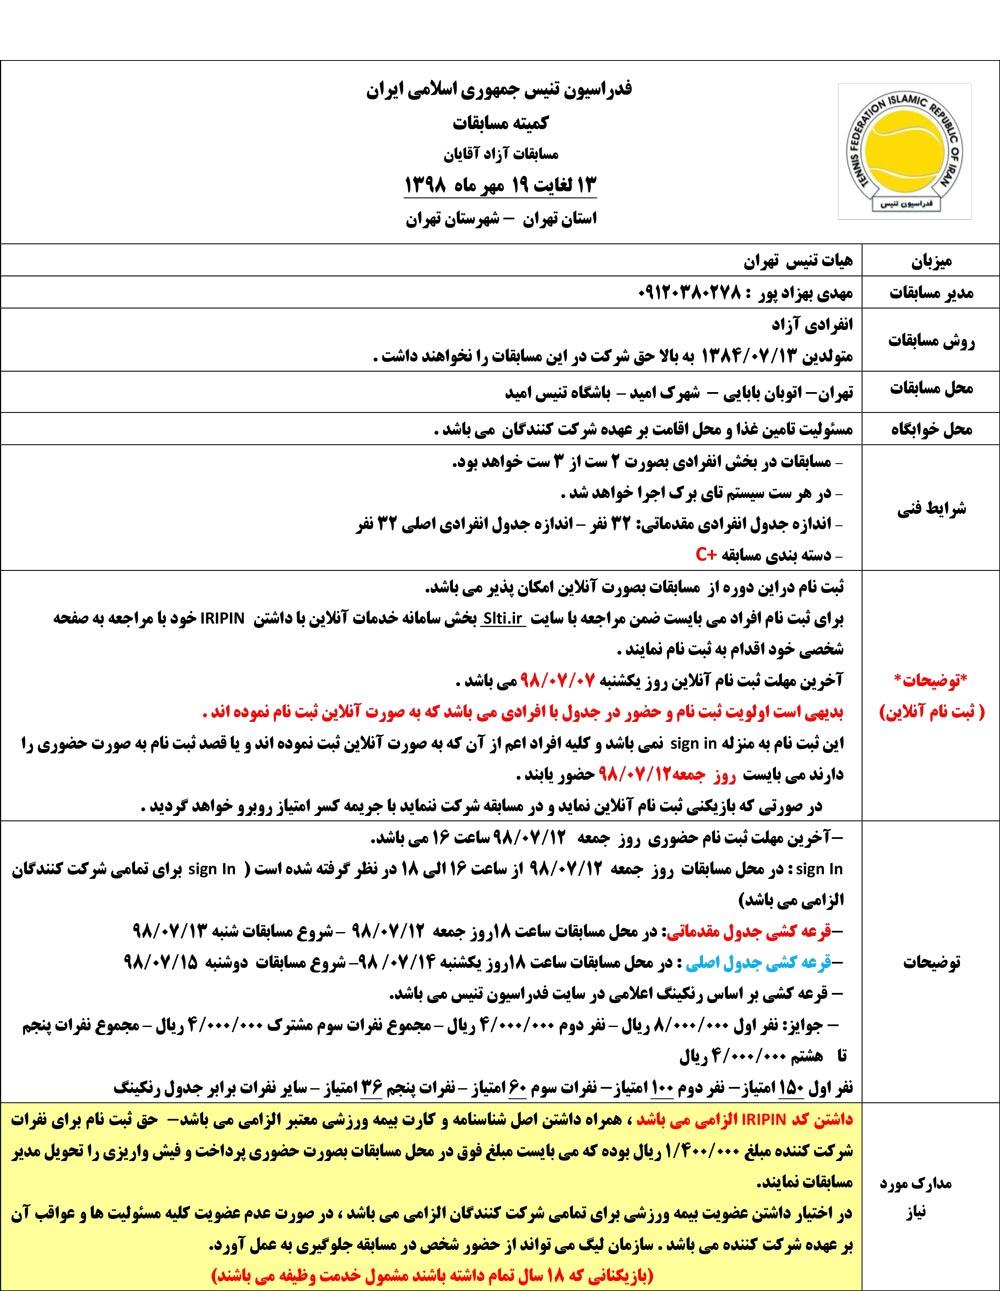 مسابقات تنیس آزاد آقایان تهران